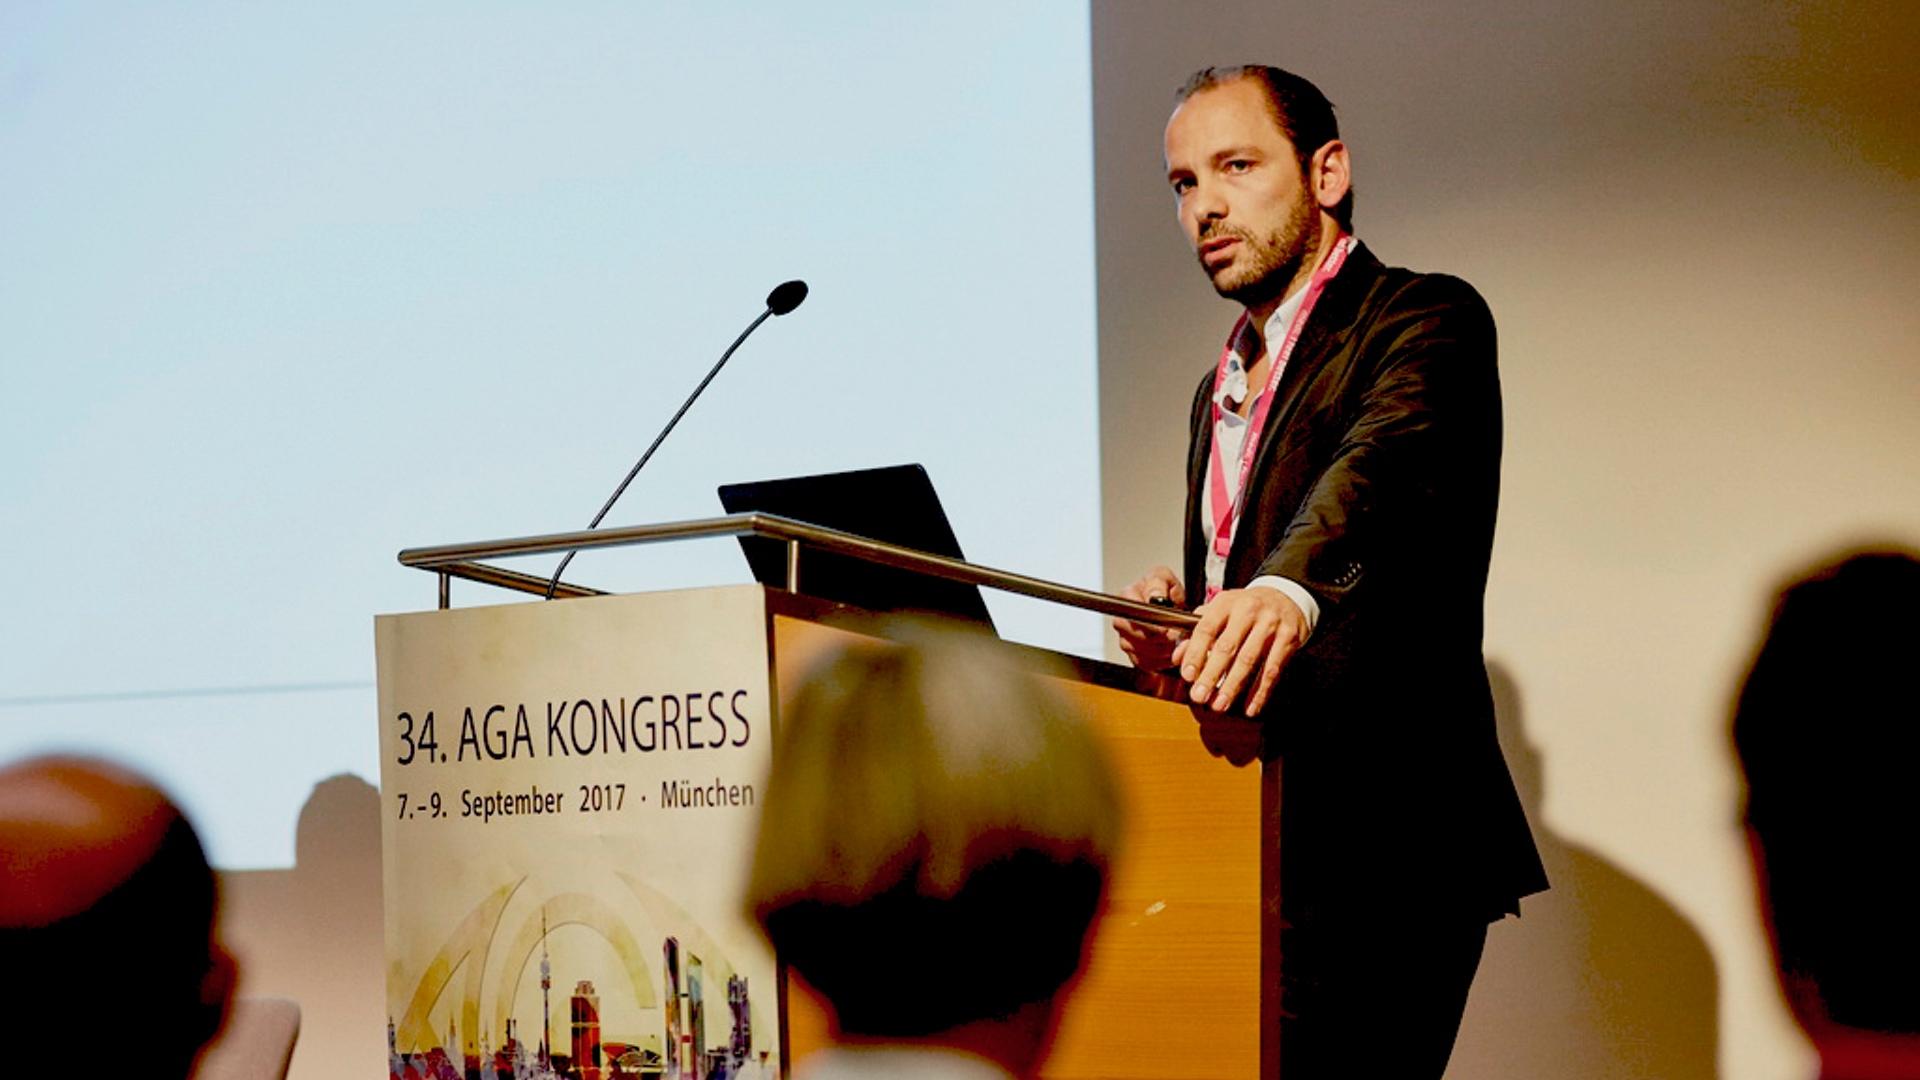 PD Dr. Frank Martetschlaeger